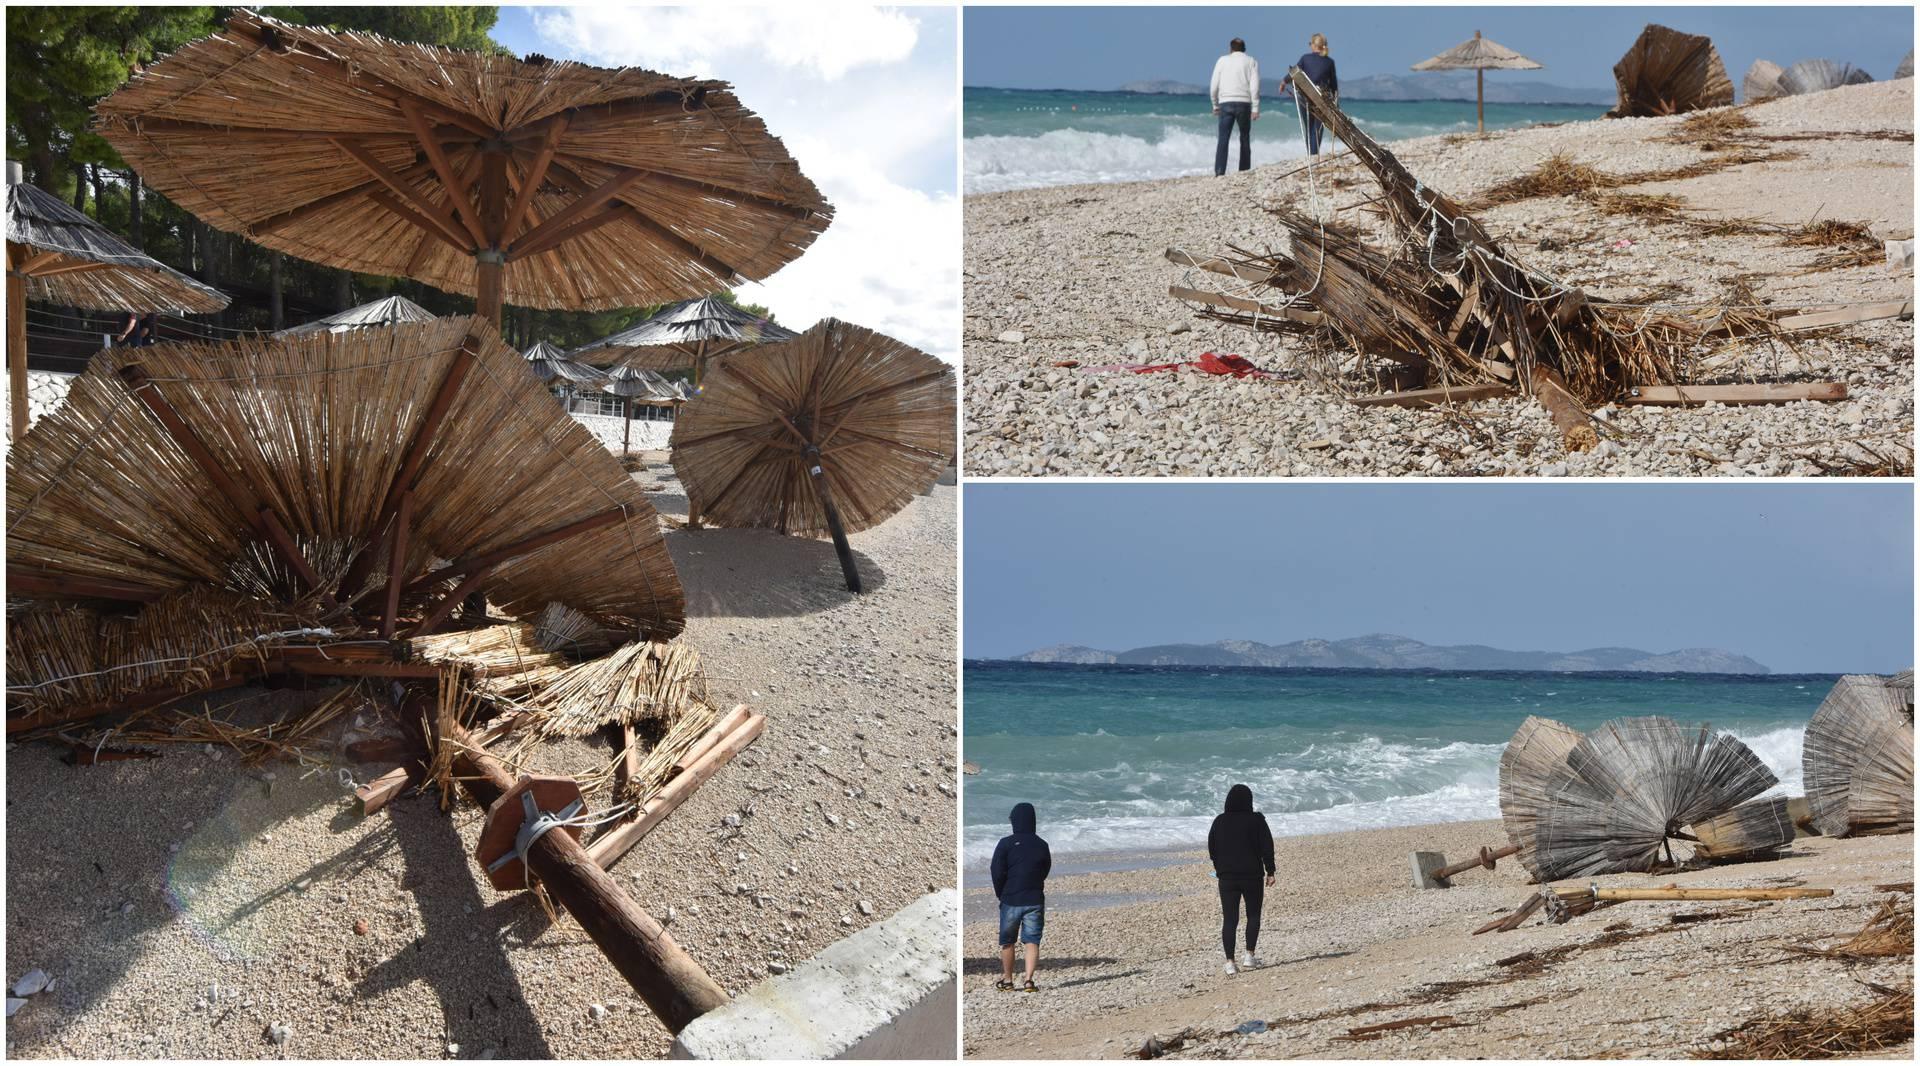 Jako nevrijeme u Primoštenu uništilo plažu, zbraja se šteta